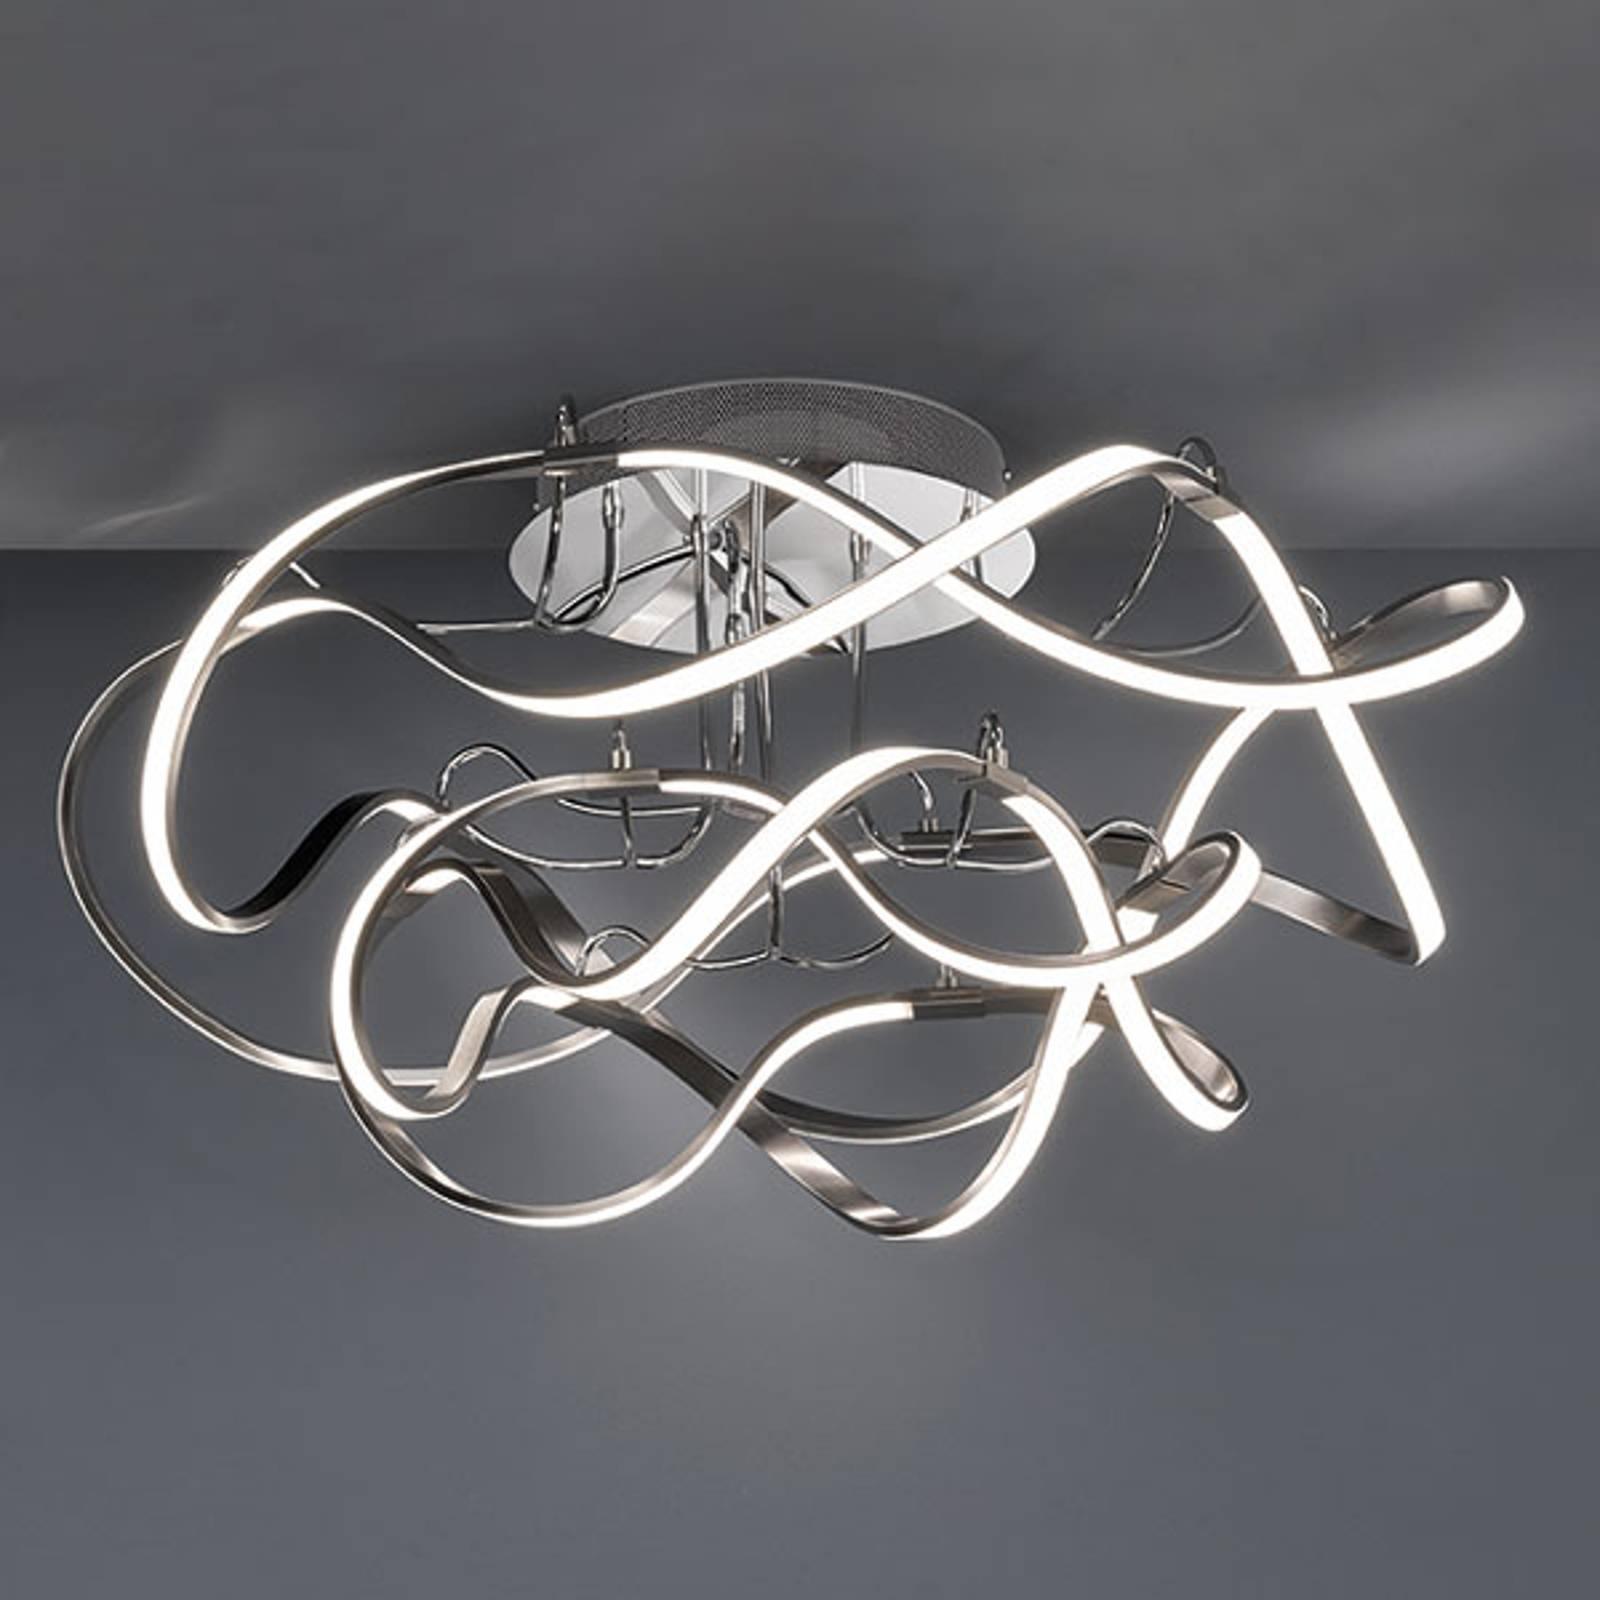 Lampa sufitowa LED Naxos ściemniana przełącznikiem